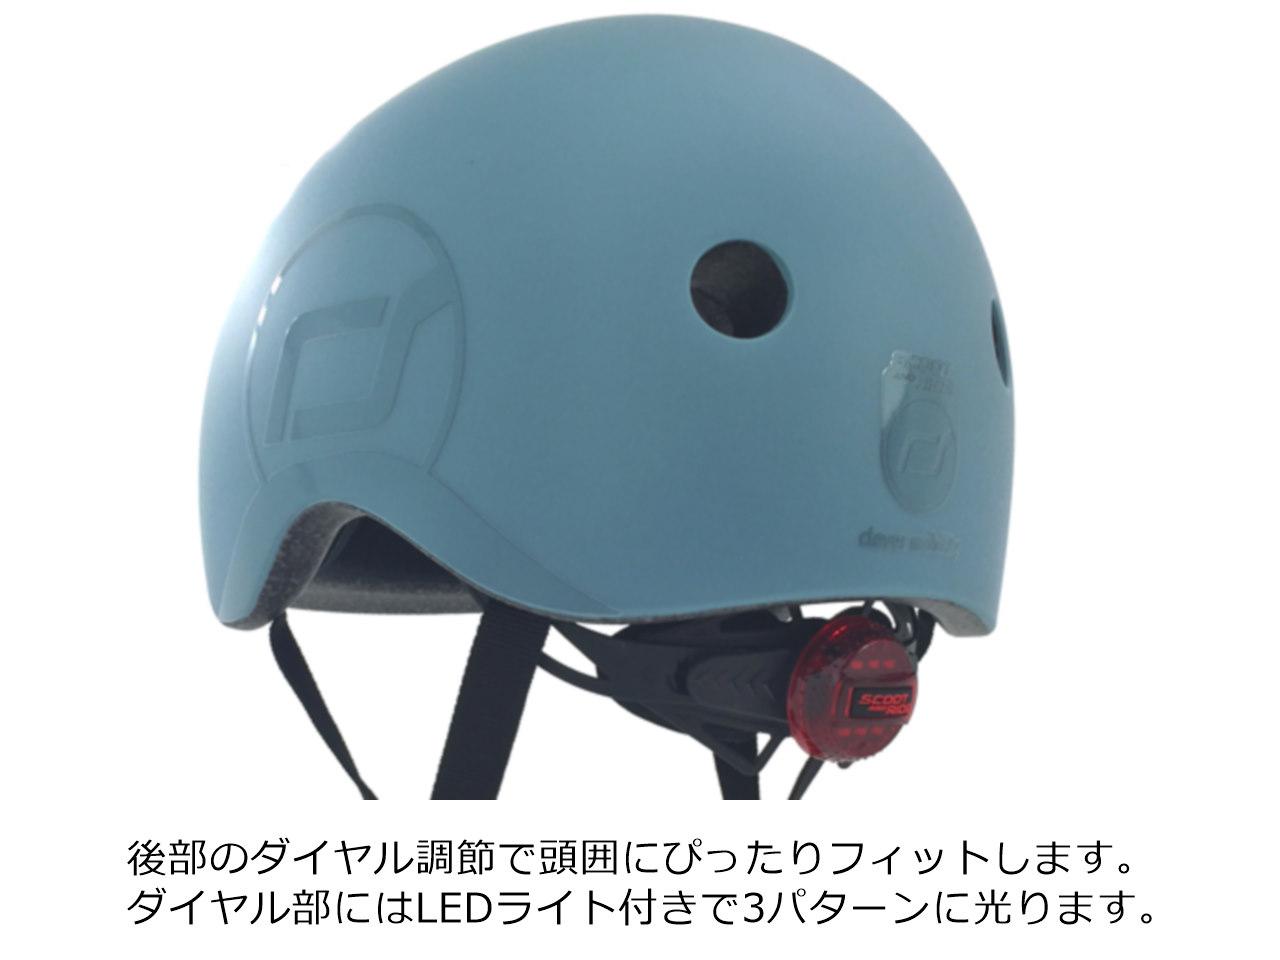 スクート&ライド ヘルメット Mサイズ【最短翌日発送】